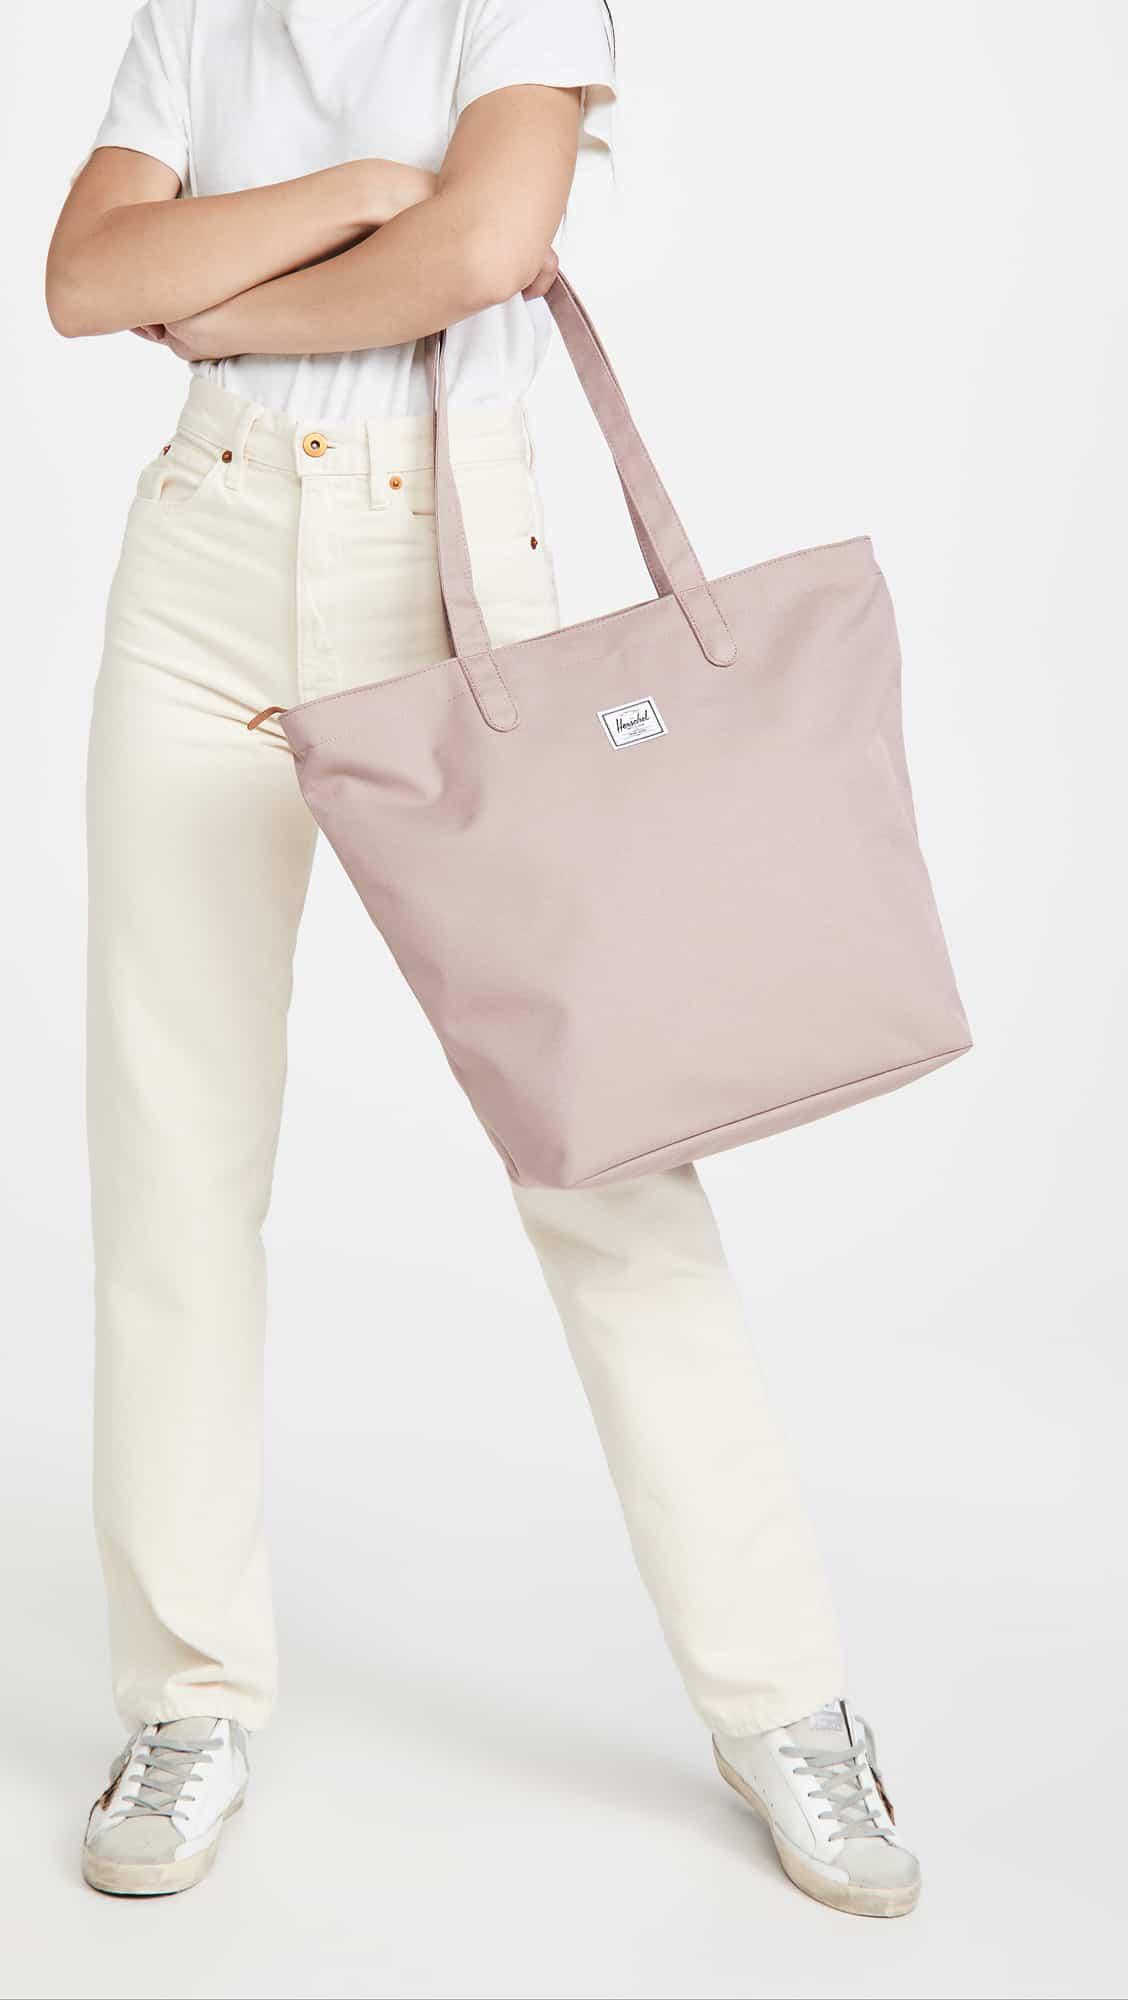 Herschel Mica Tote Bag